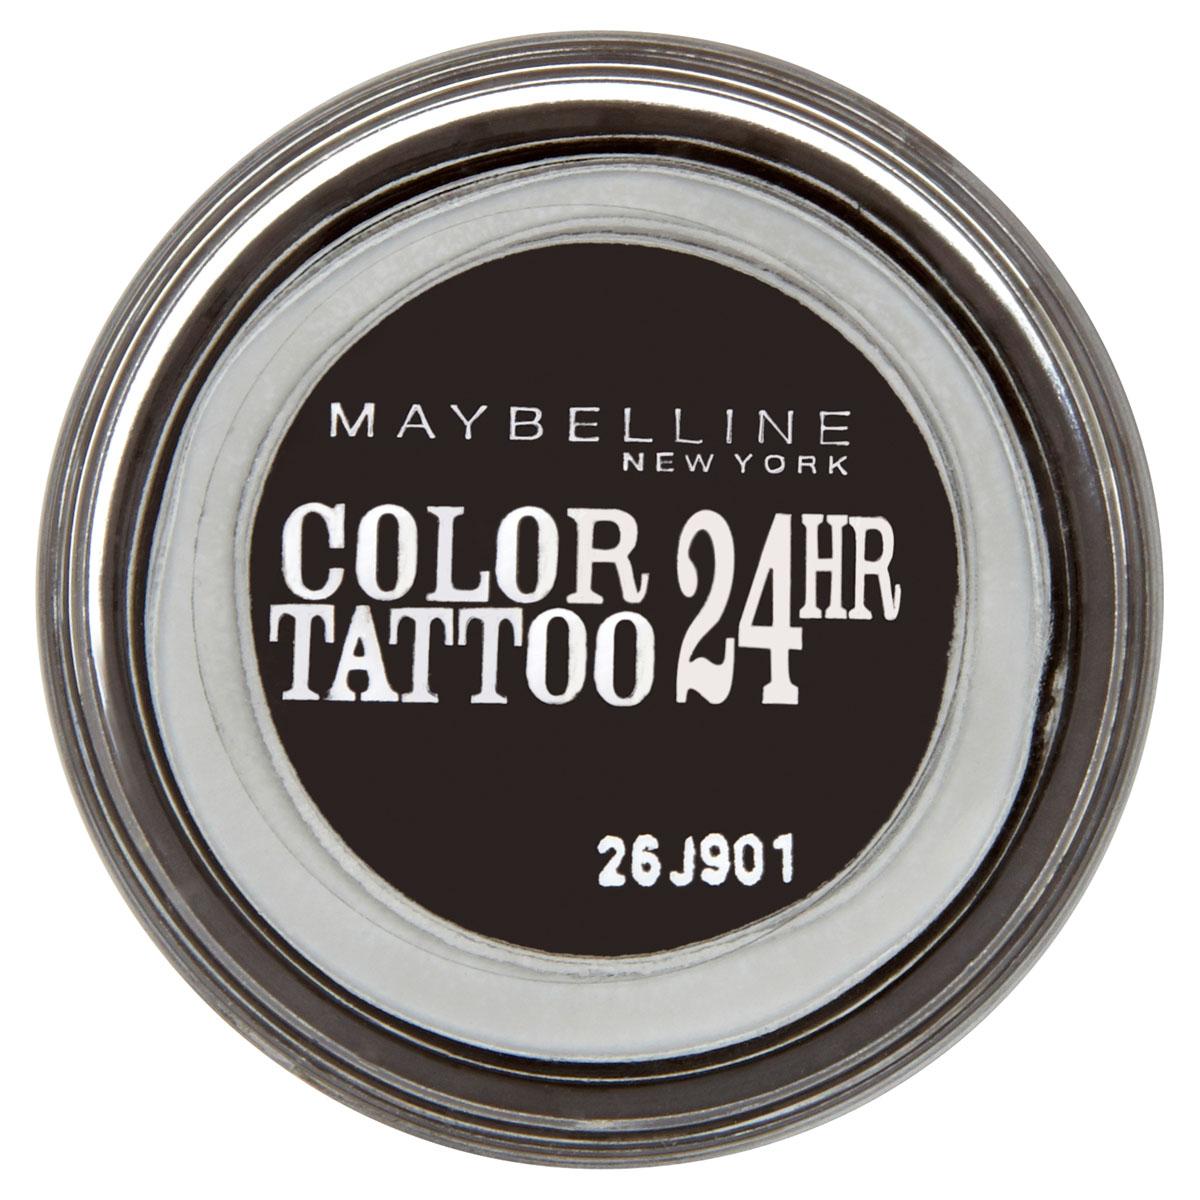 Maybelline New York Тени для век Color Tattoo 24 часа, оттенок 60, Бессменный черный, 4 млSC-FM20104Технология тату-пигментов создает яркий, супернасыщенный цвет. Крем-гелевая текстура обеспечивает ультралегкое нанесение и стойкость на 24 часа.12 оттенков